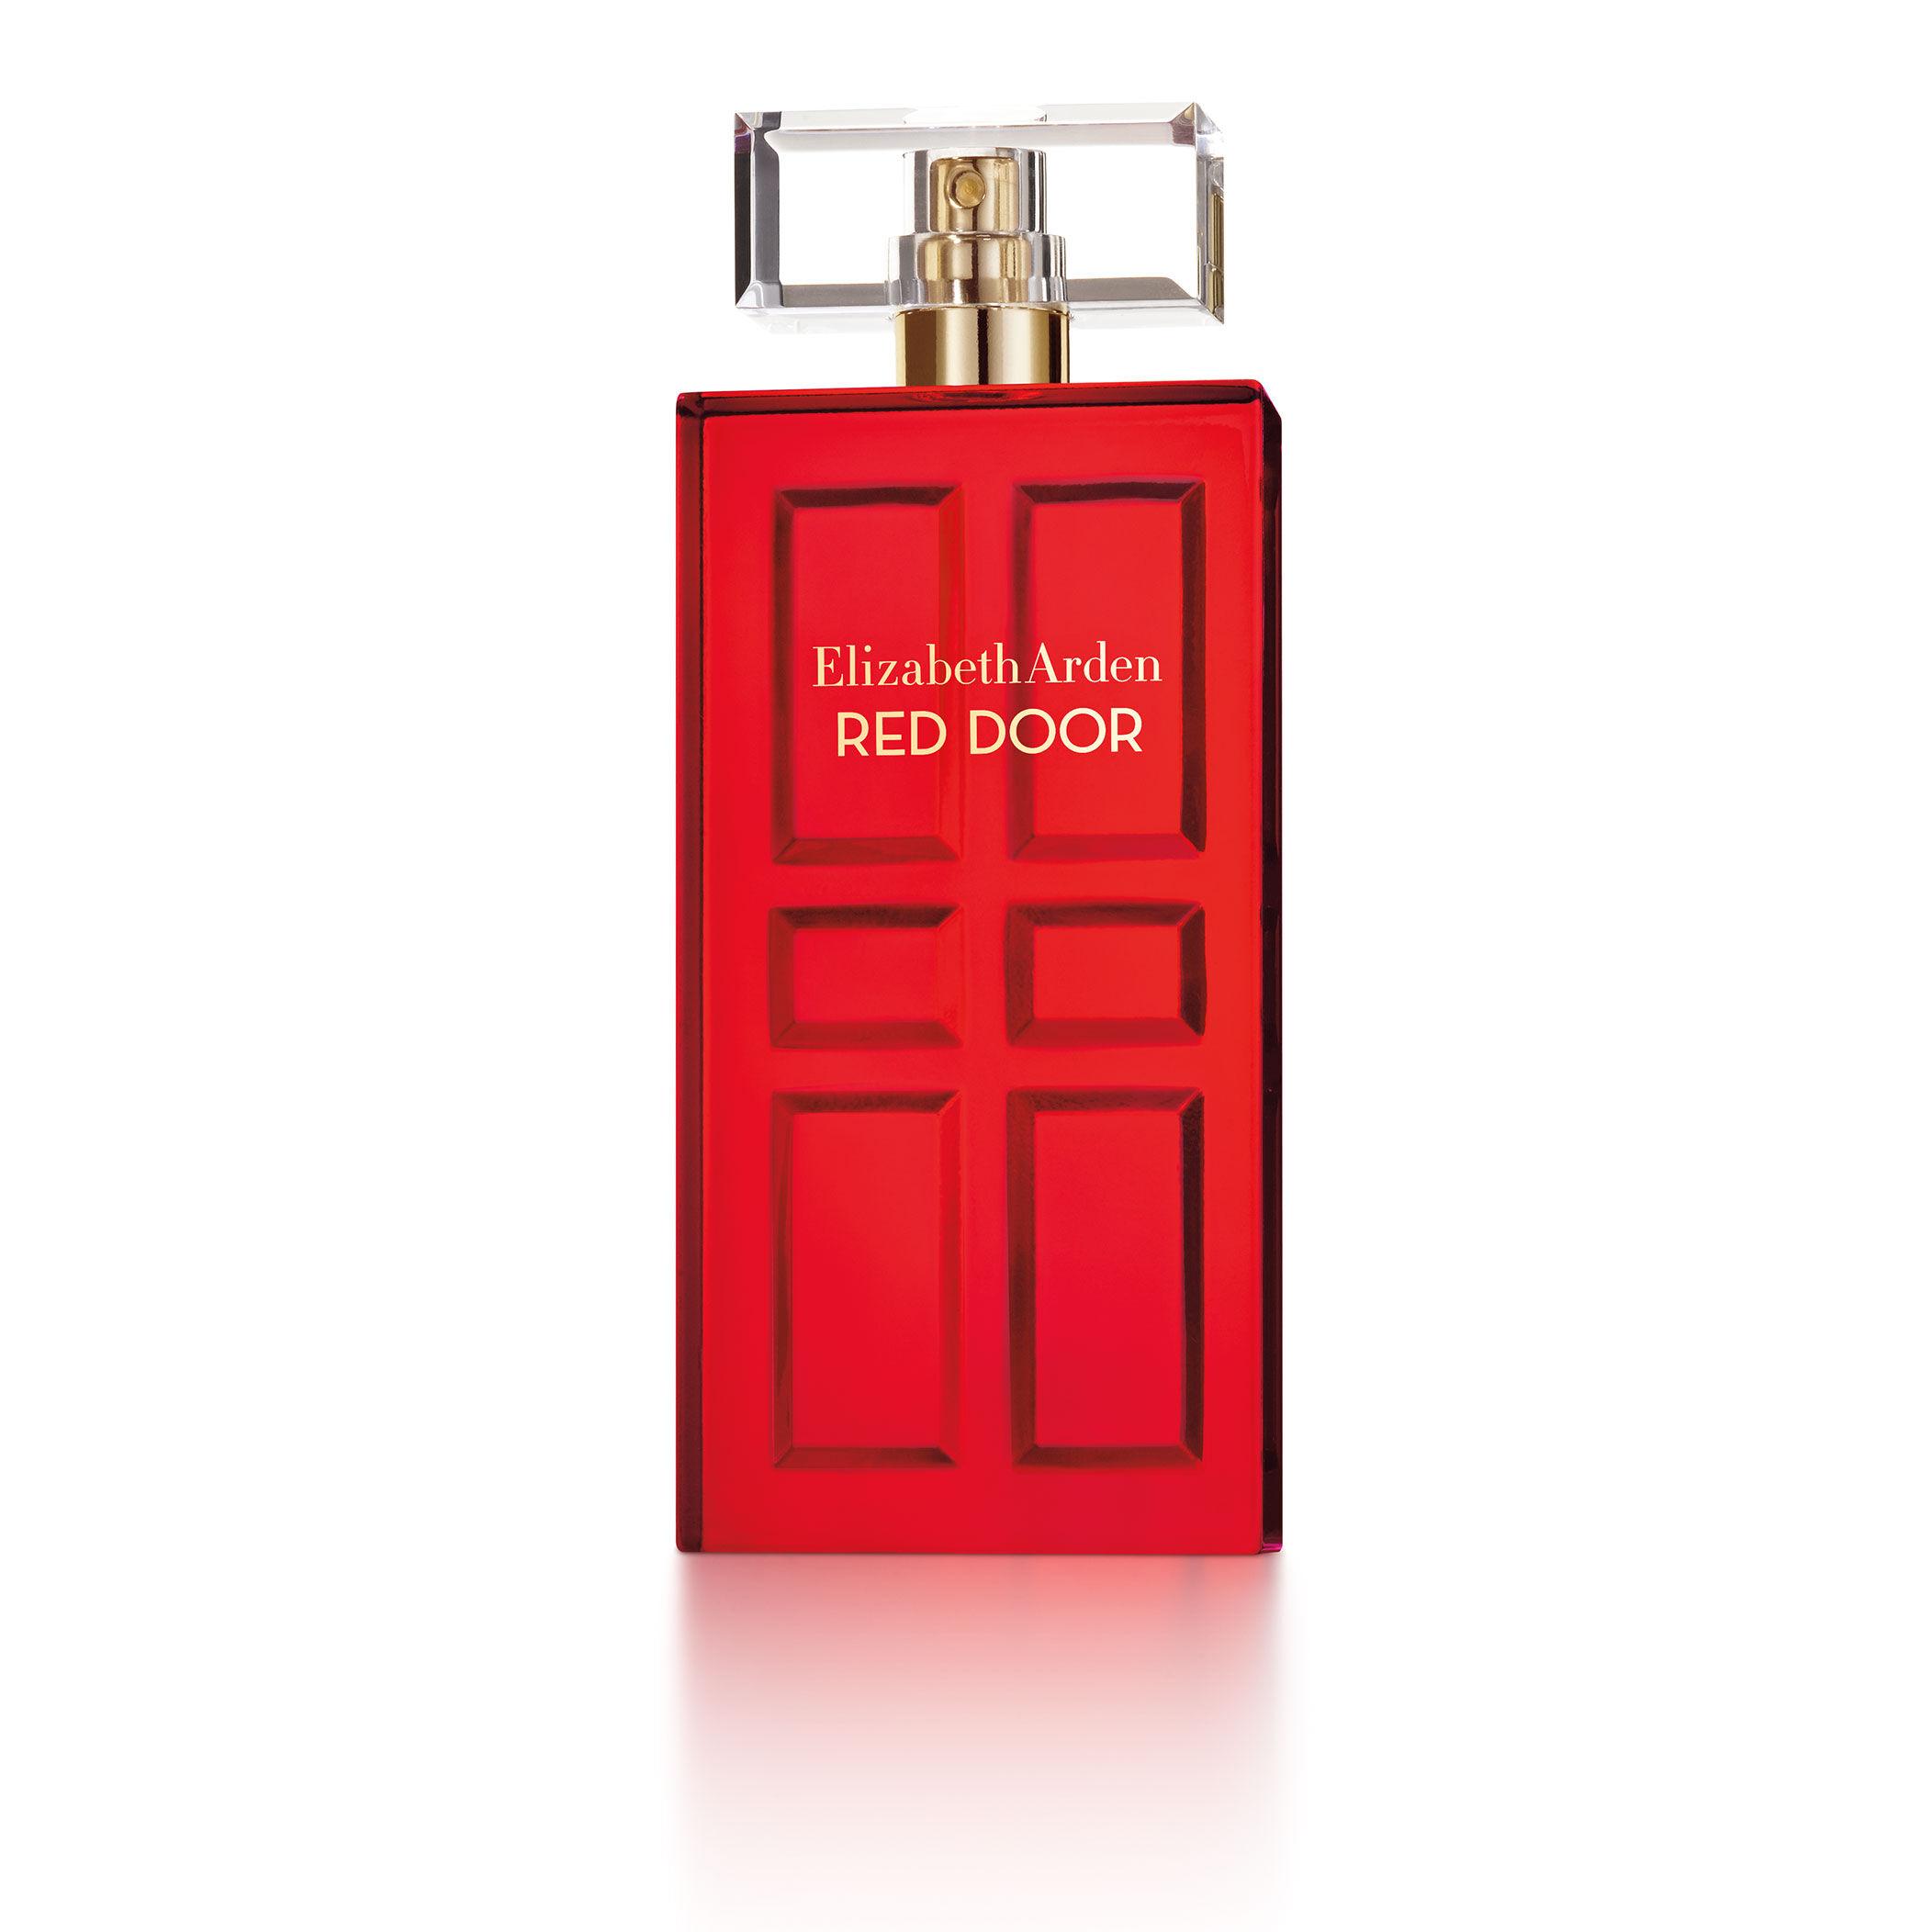 Red Door Eau de Parfum Spray  sc 1 st  Elizabeth Arden & Red Door Perfume a Signature Fragrance | Elizabeth Arden pezcame.com